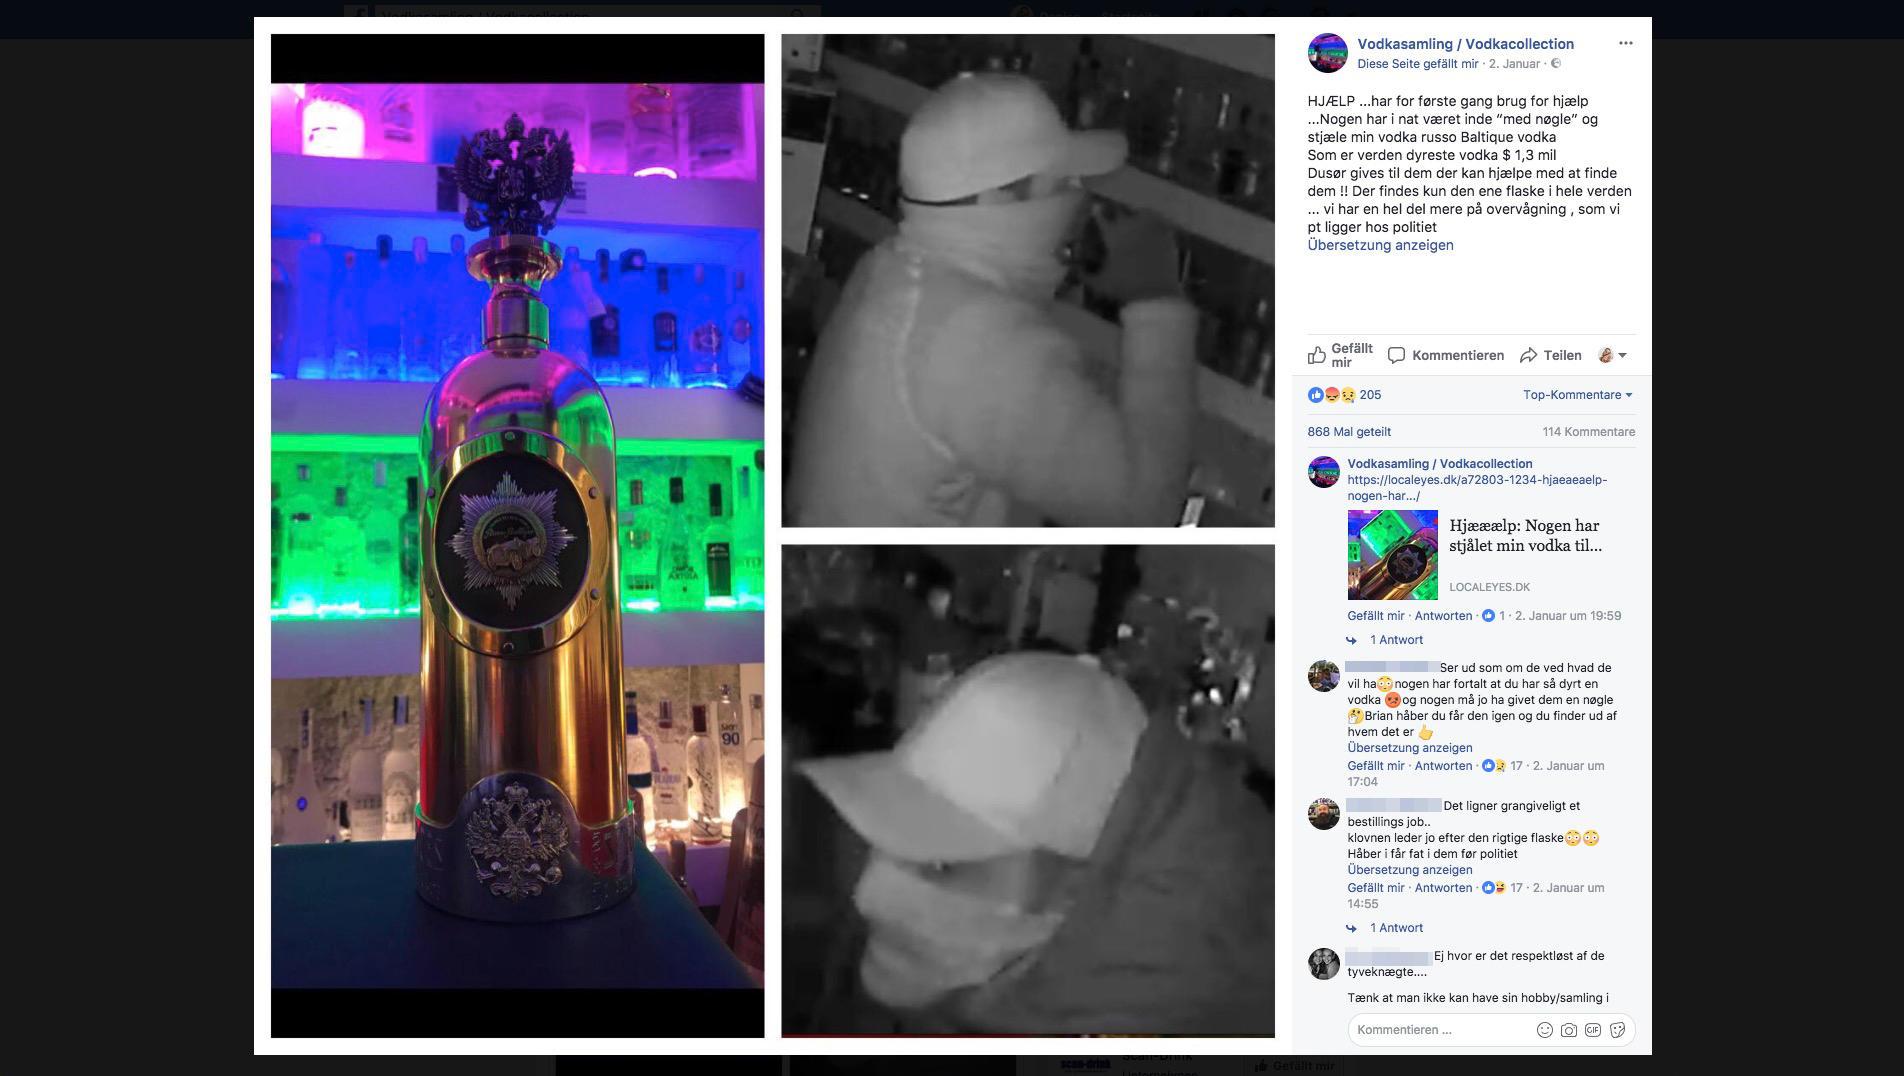 Teuerster Wodka Der Welt Wurde Gestohlen